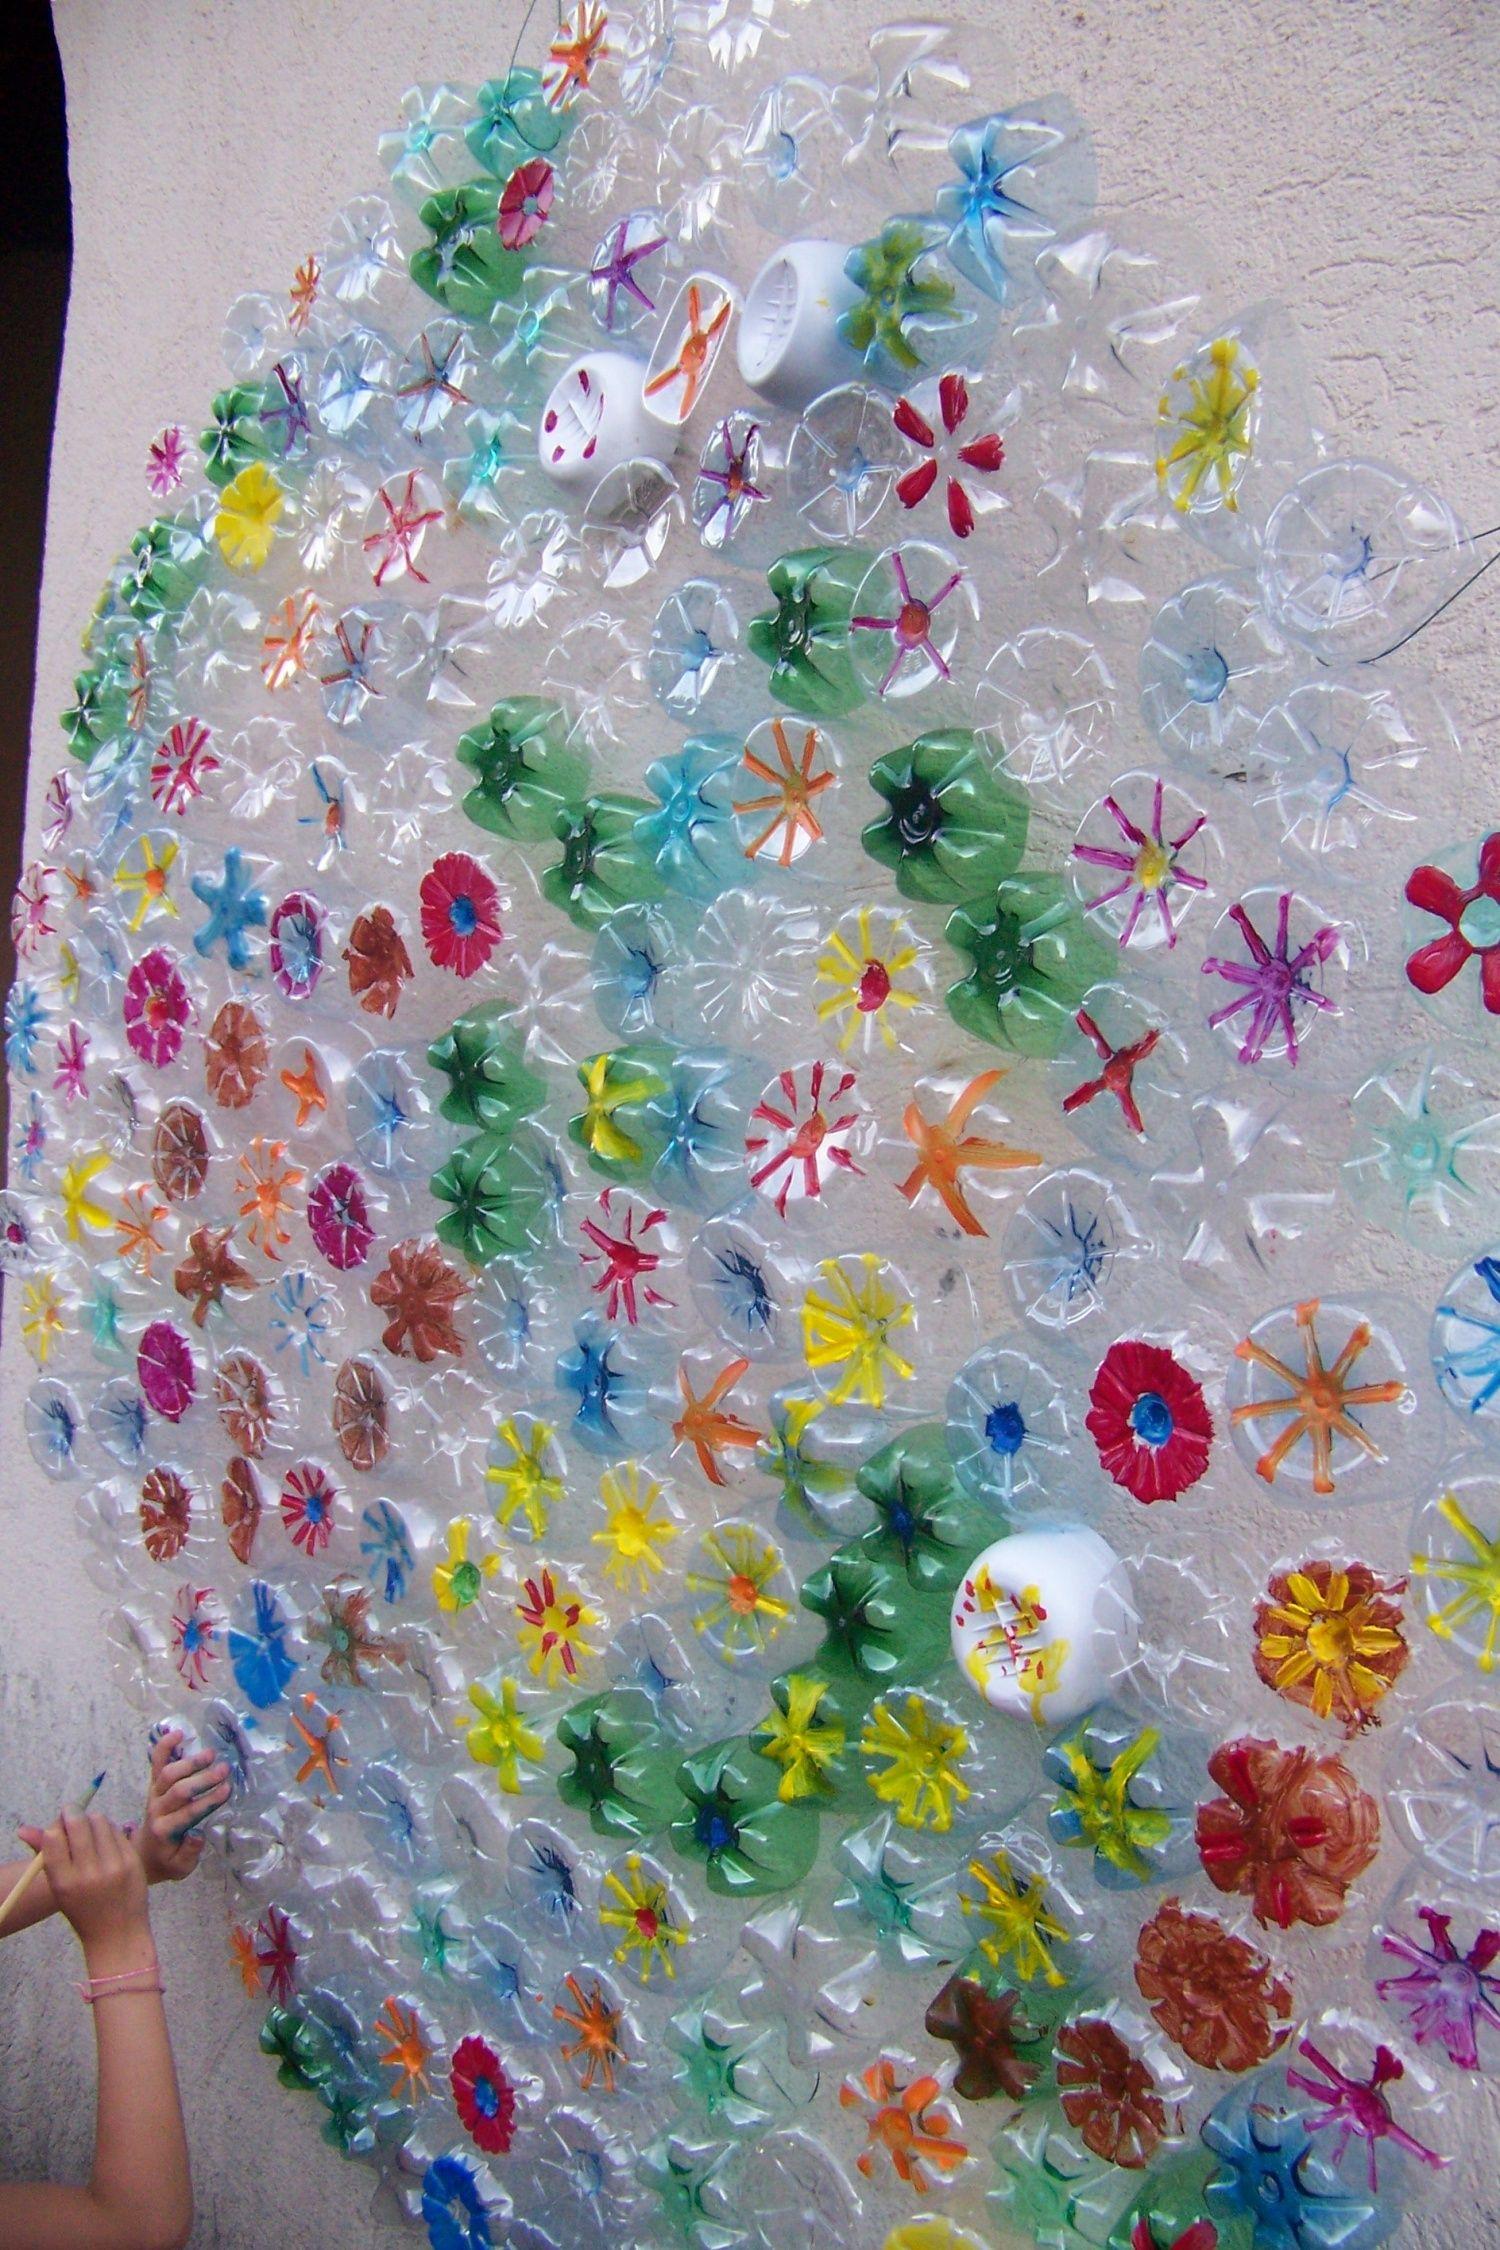 Culs de bouteille fleurs recycling pinterest d corations de bouteille sodas et fleur - Fleur bouteille plastique ...